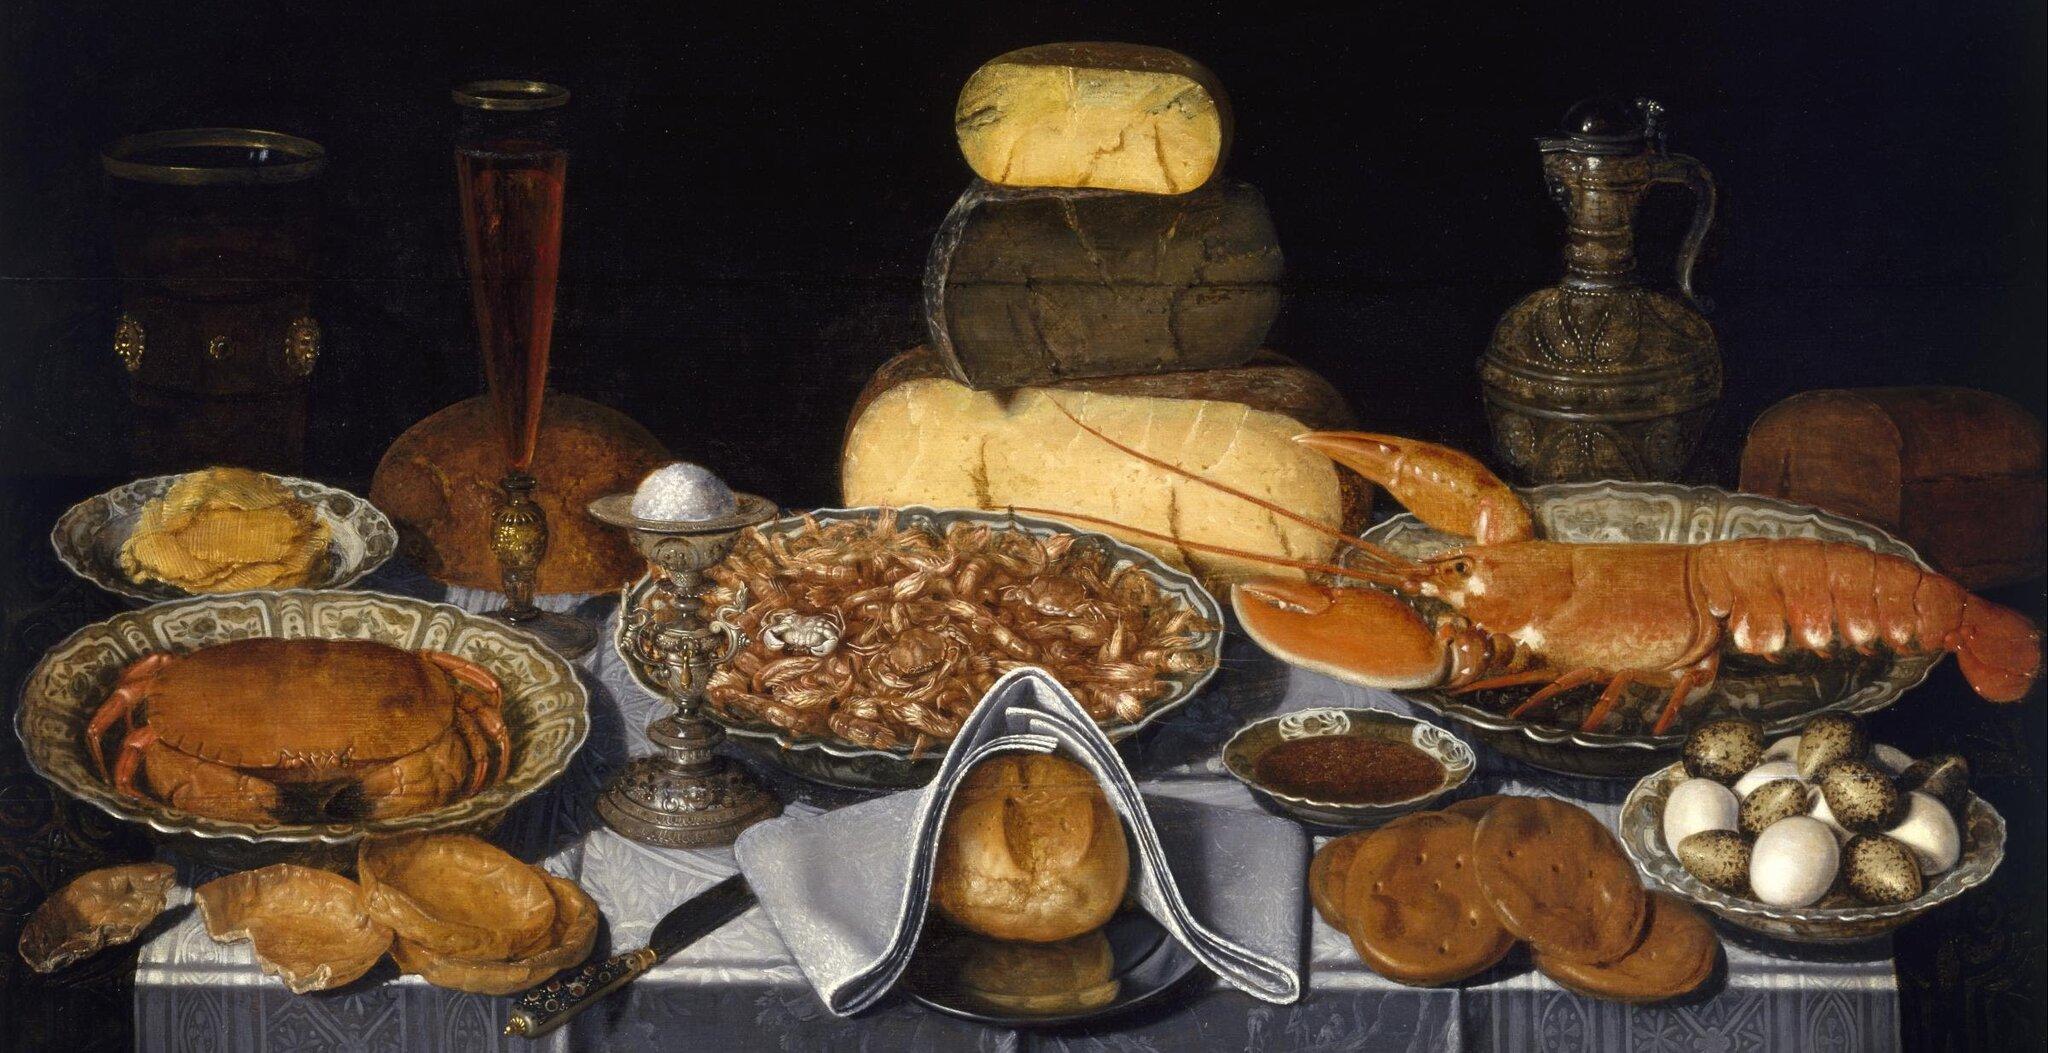 Martwa natura zkrabem, krewetką ihomarem Źródło: Clara Peeters, Martwa natura zkrabem, krewetką ihomarem, 1635–1640, olej na płótnie, domena publiczna.